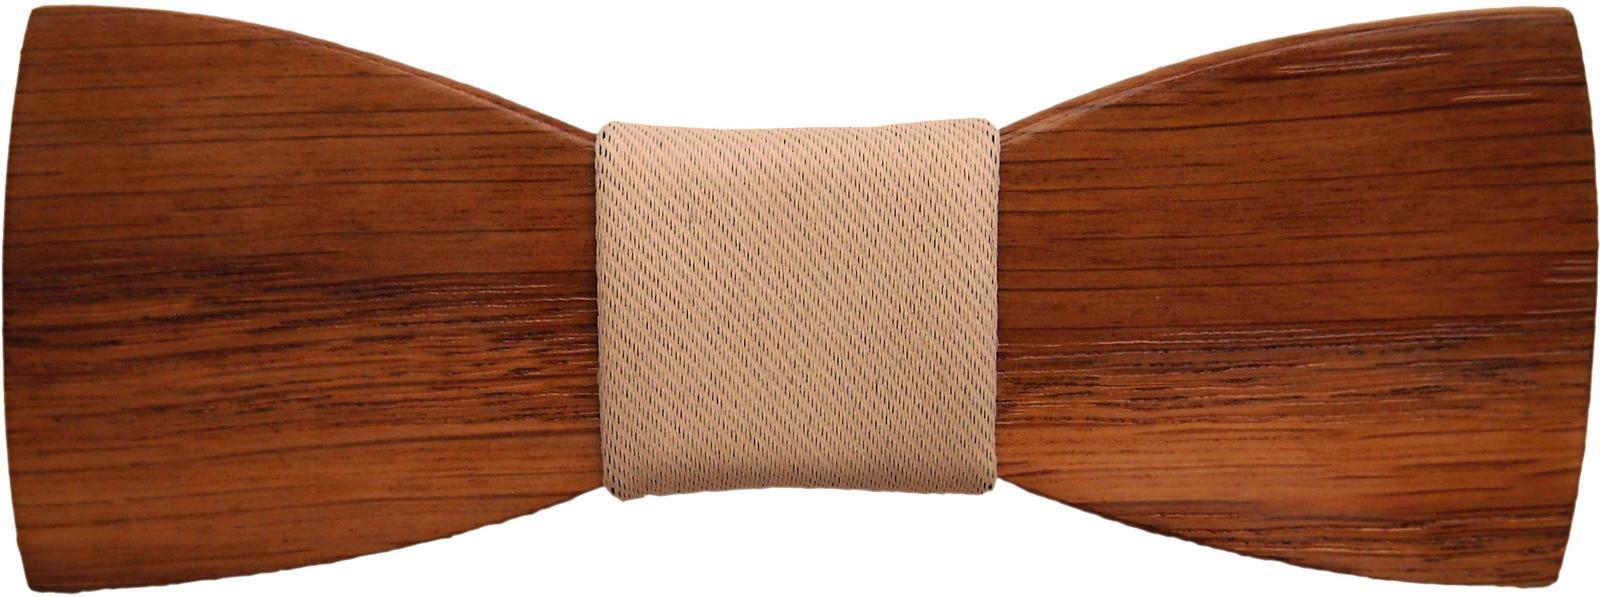 Pánske, detské drevené motýliky - Obrázok č. 3